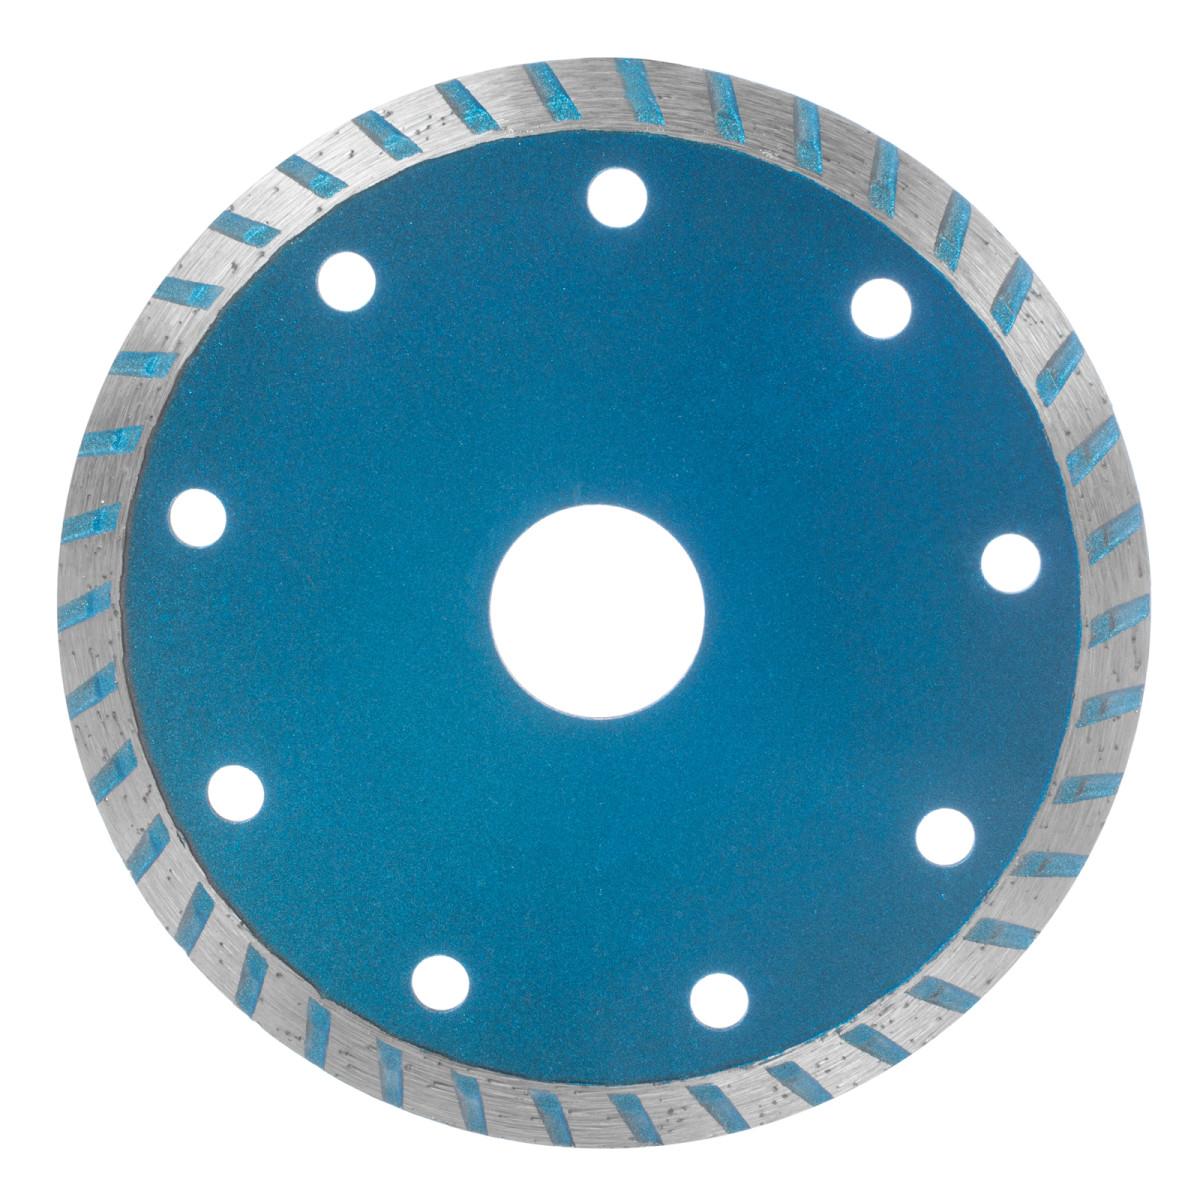 Диск Алмазный Ремоколор Турбо 115Х222 37-1-103